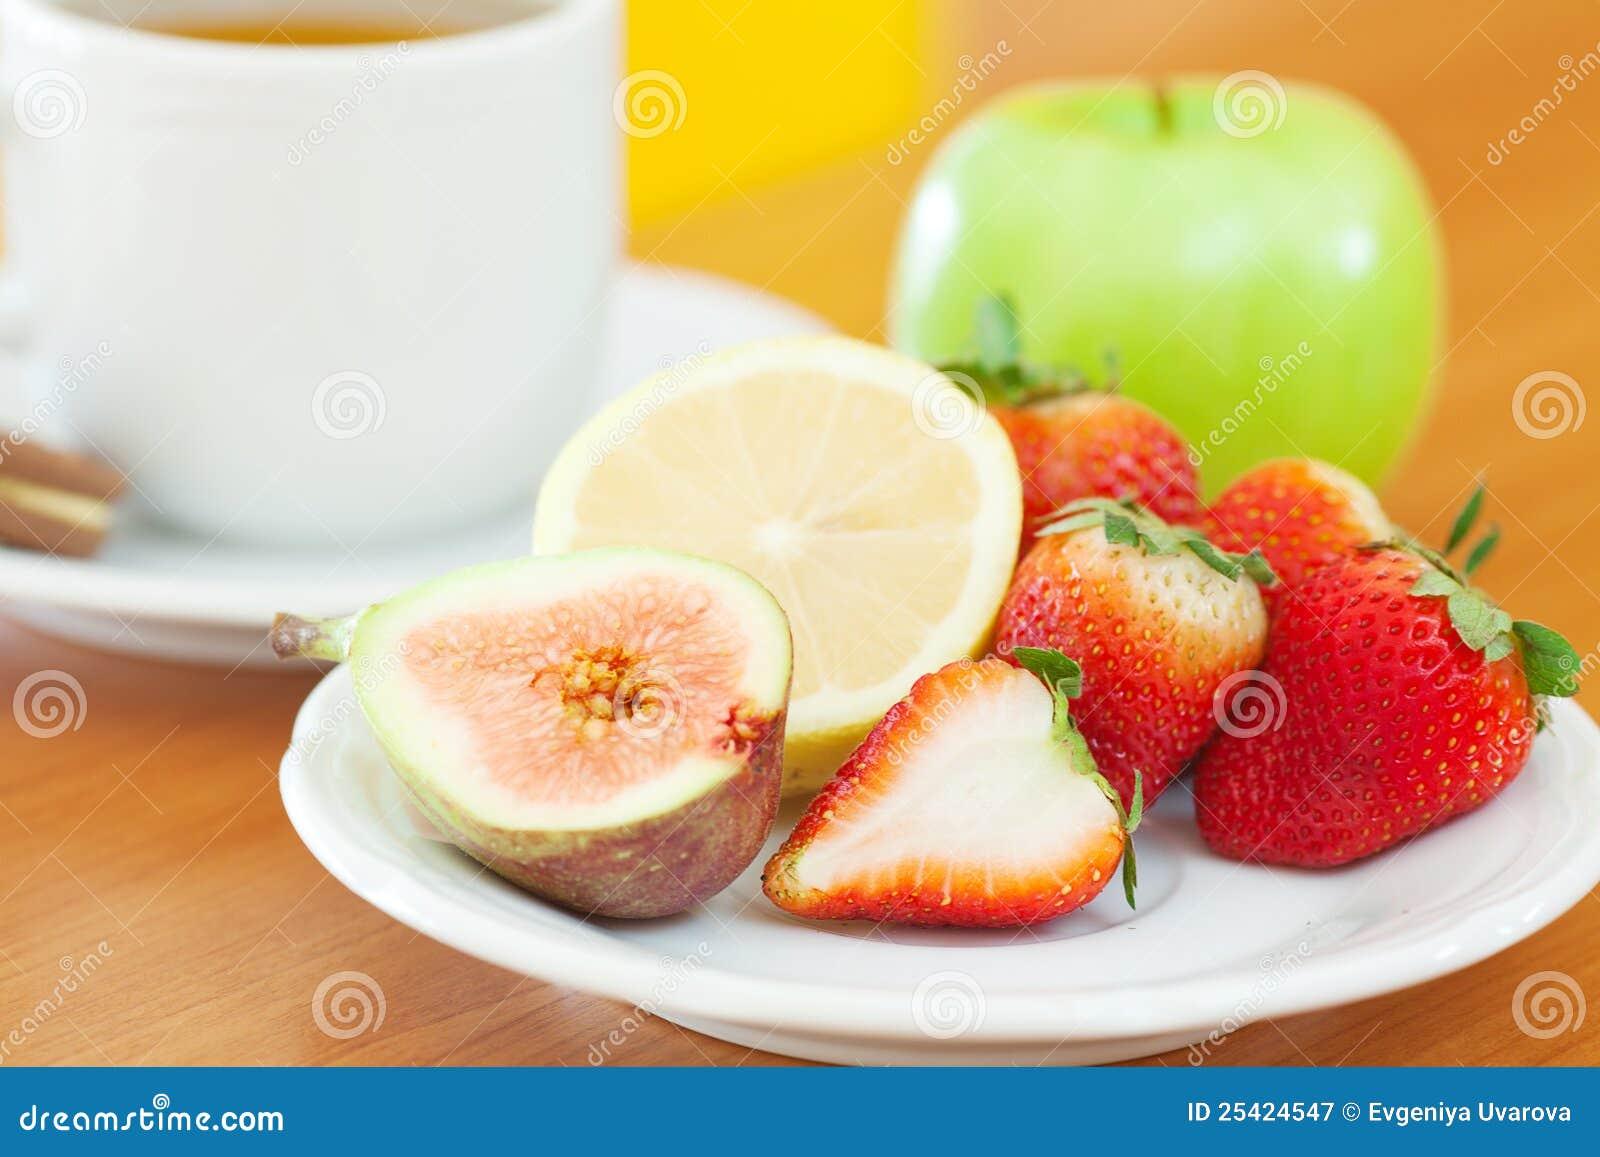 Tea,cookie,apple, Lemon, Fig And Strawberries Royalty Free ...